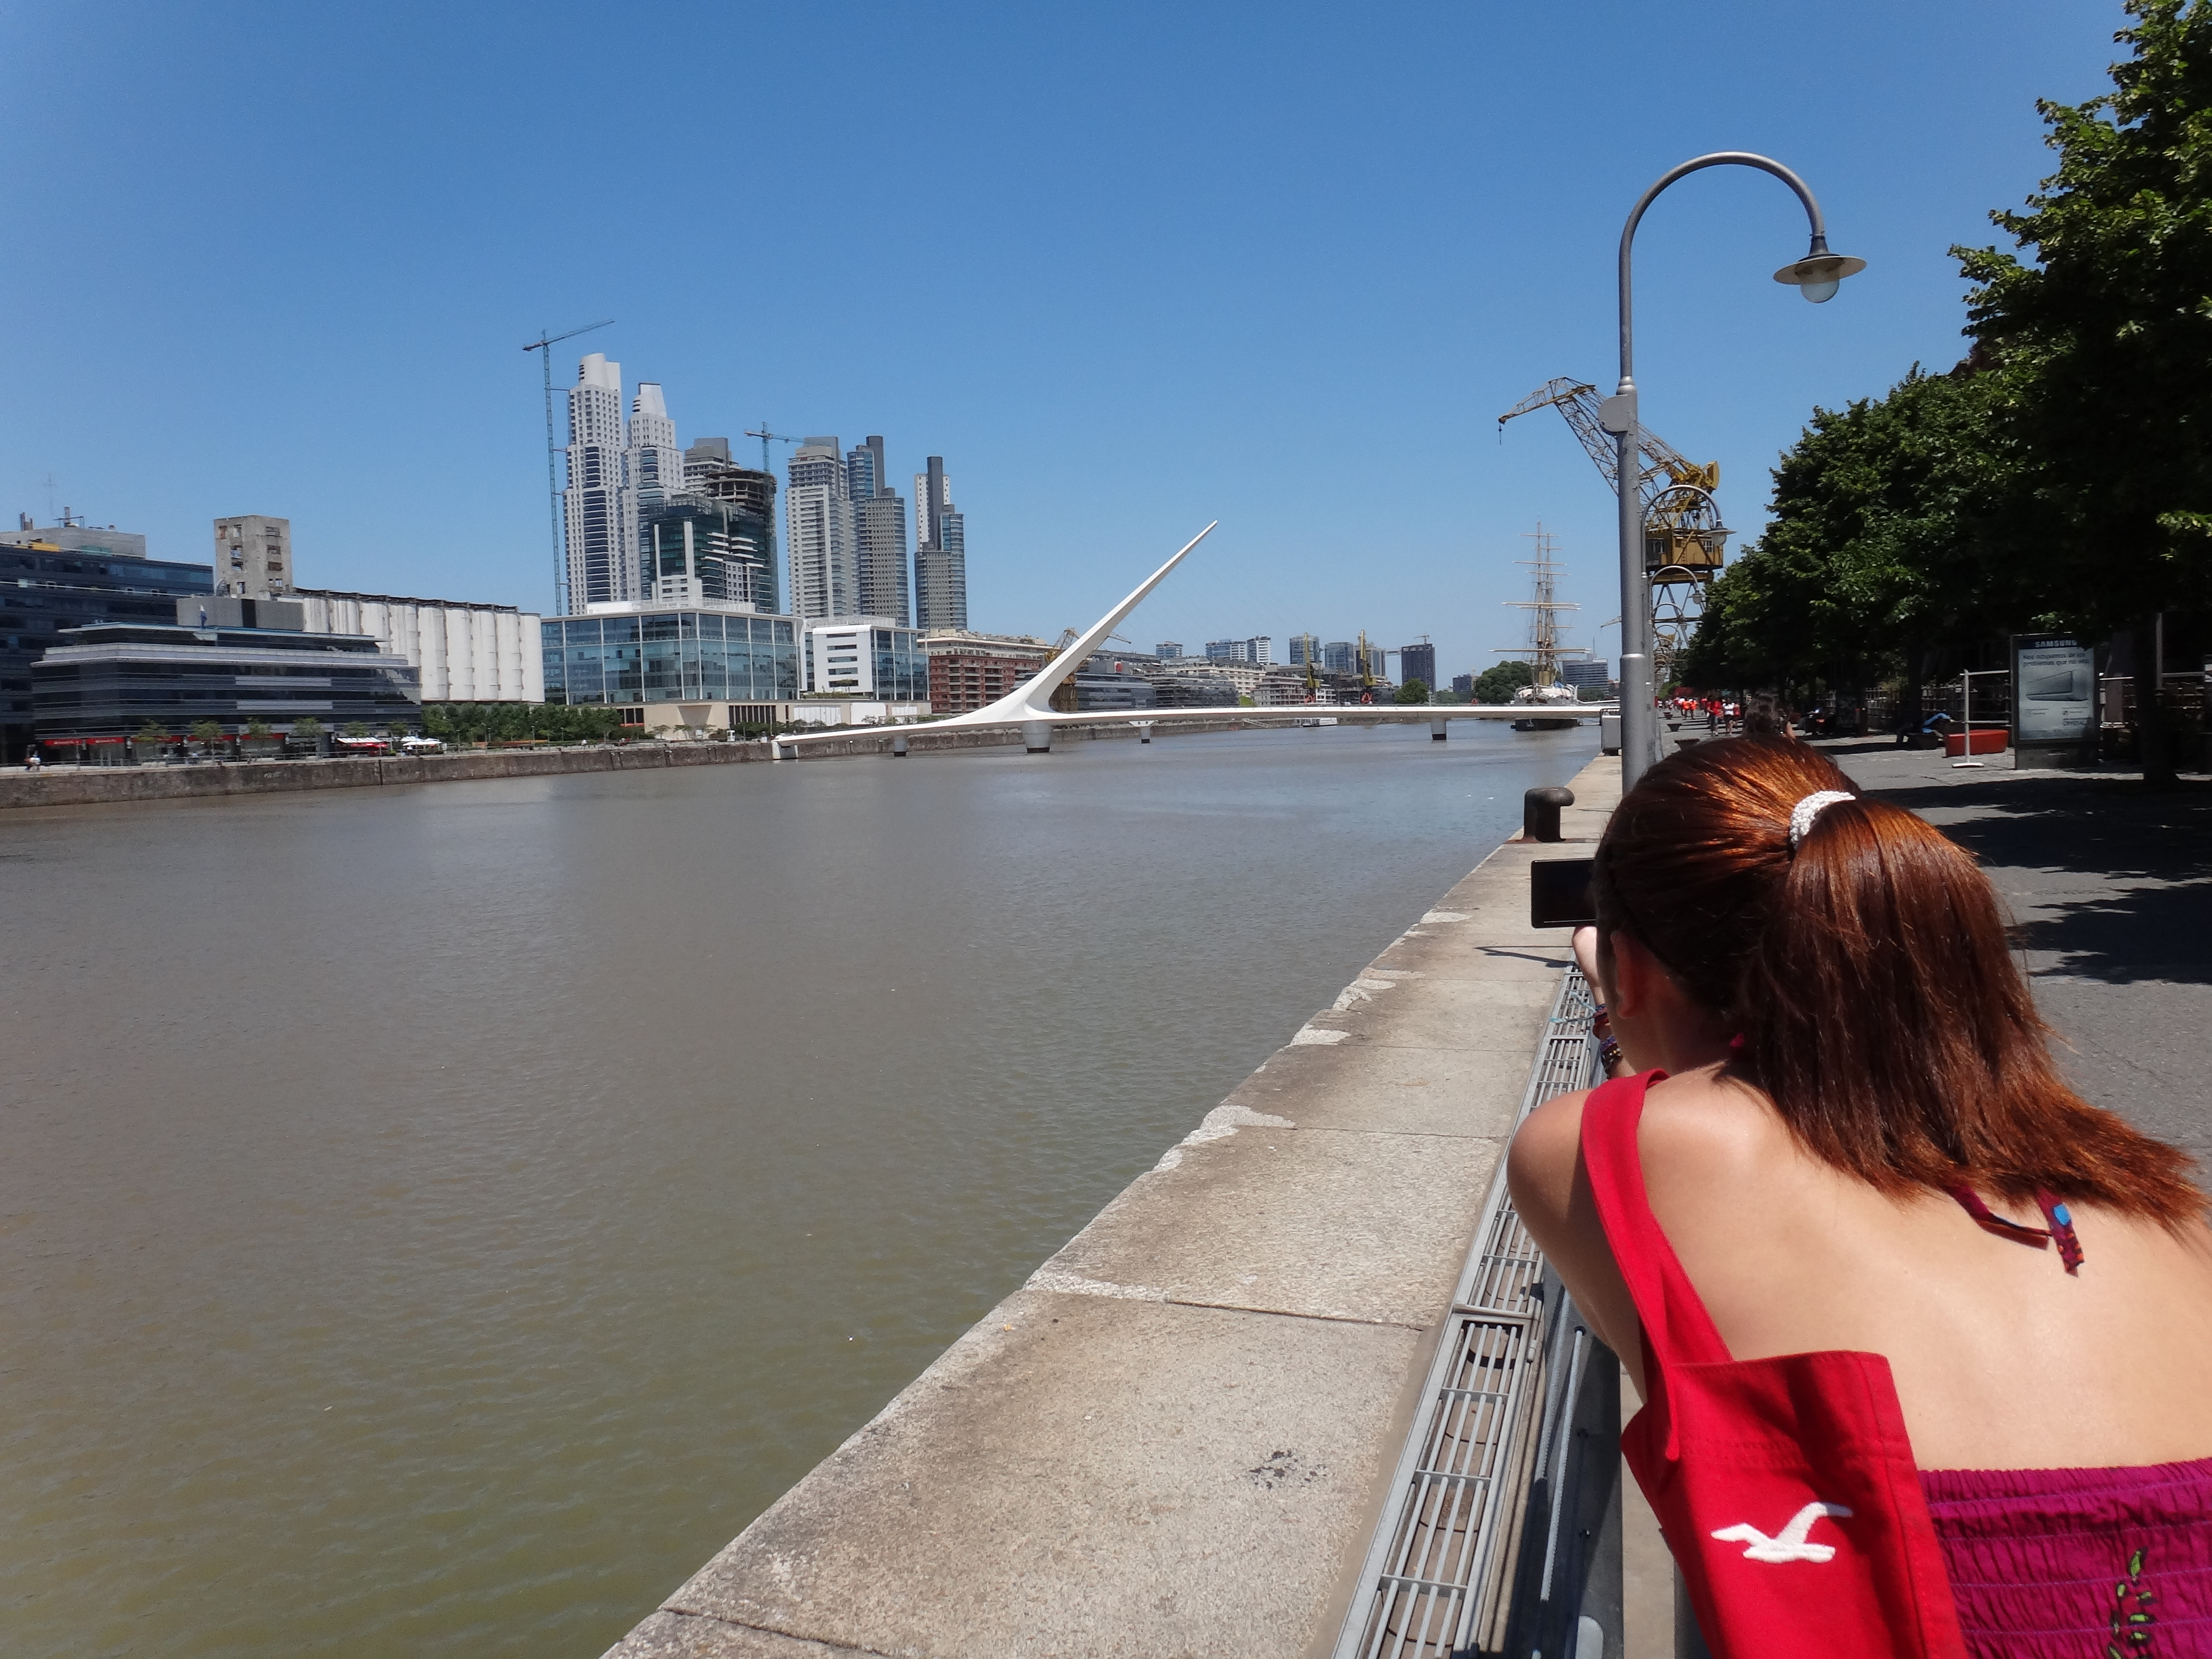 Puente de la Mujer by Santiago Calatrava.